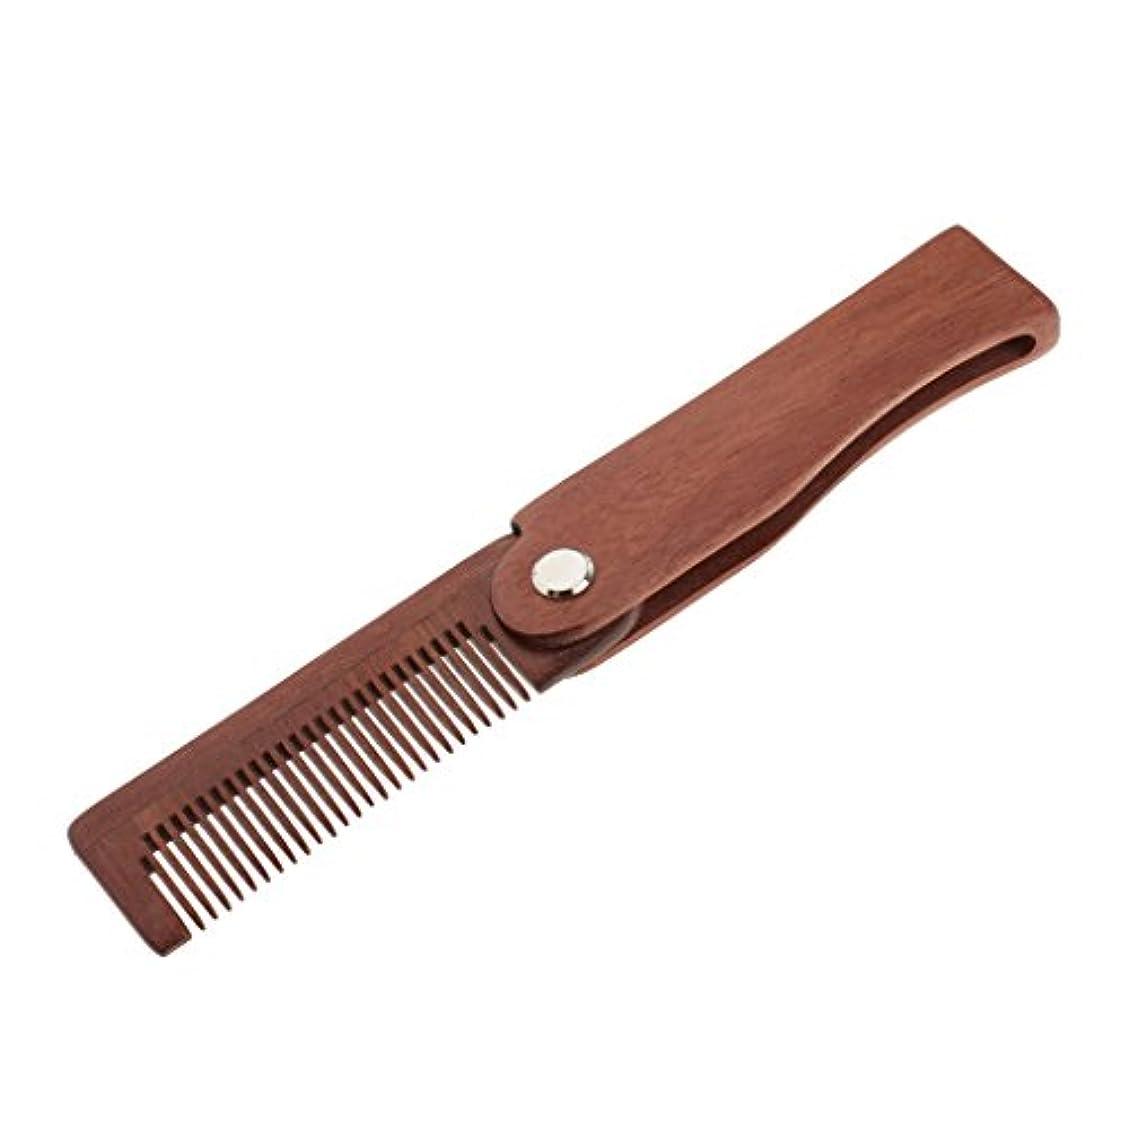 ファウル気づかない満たすひげ剃り櫛 木製櫛 折りたたみ コーム メンズ 髭剃り 便利 旅行小物